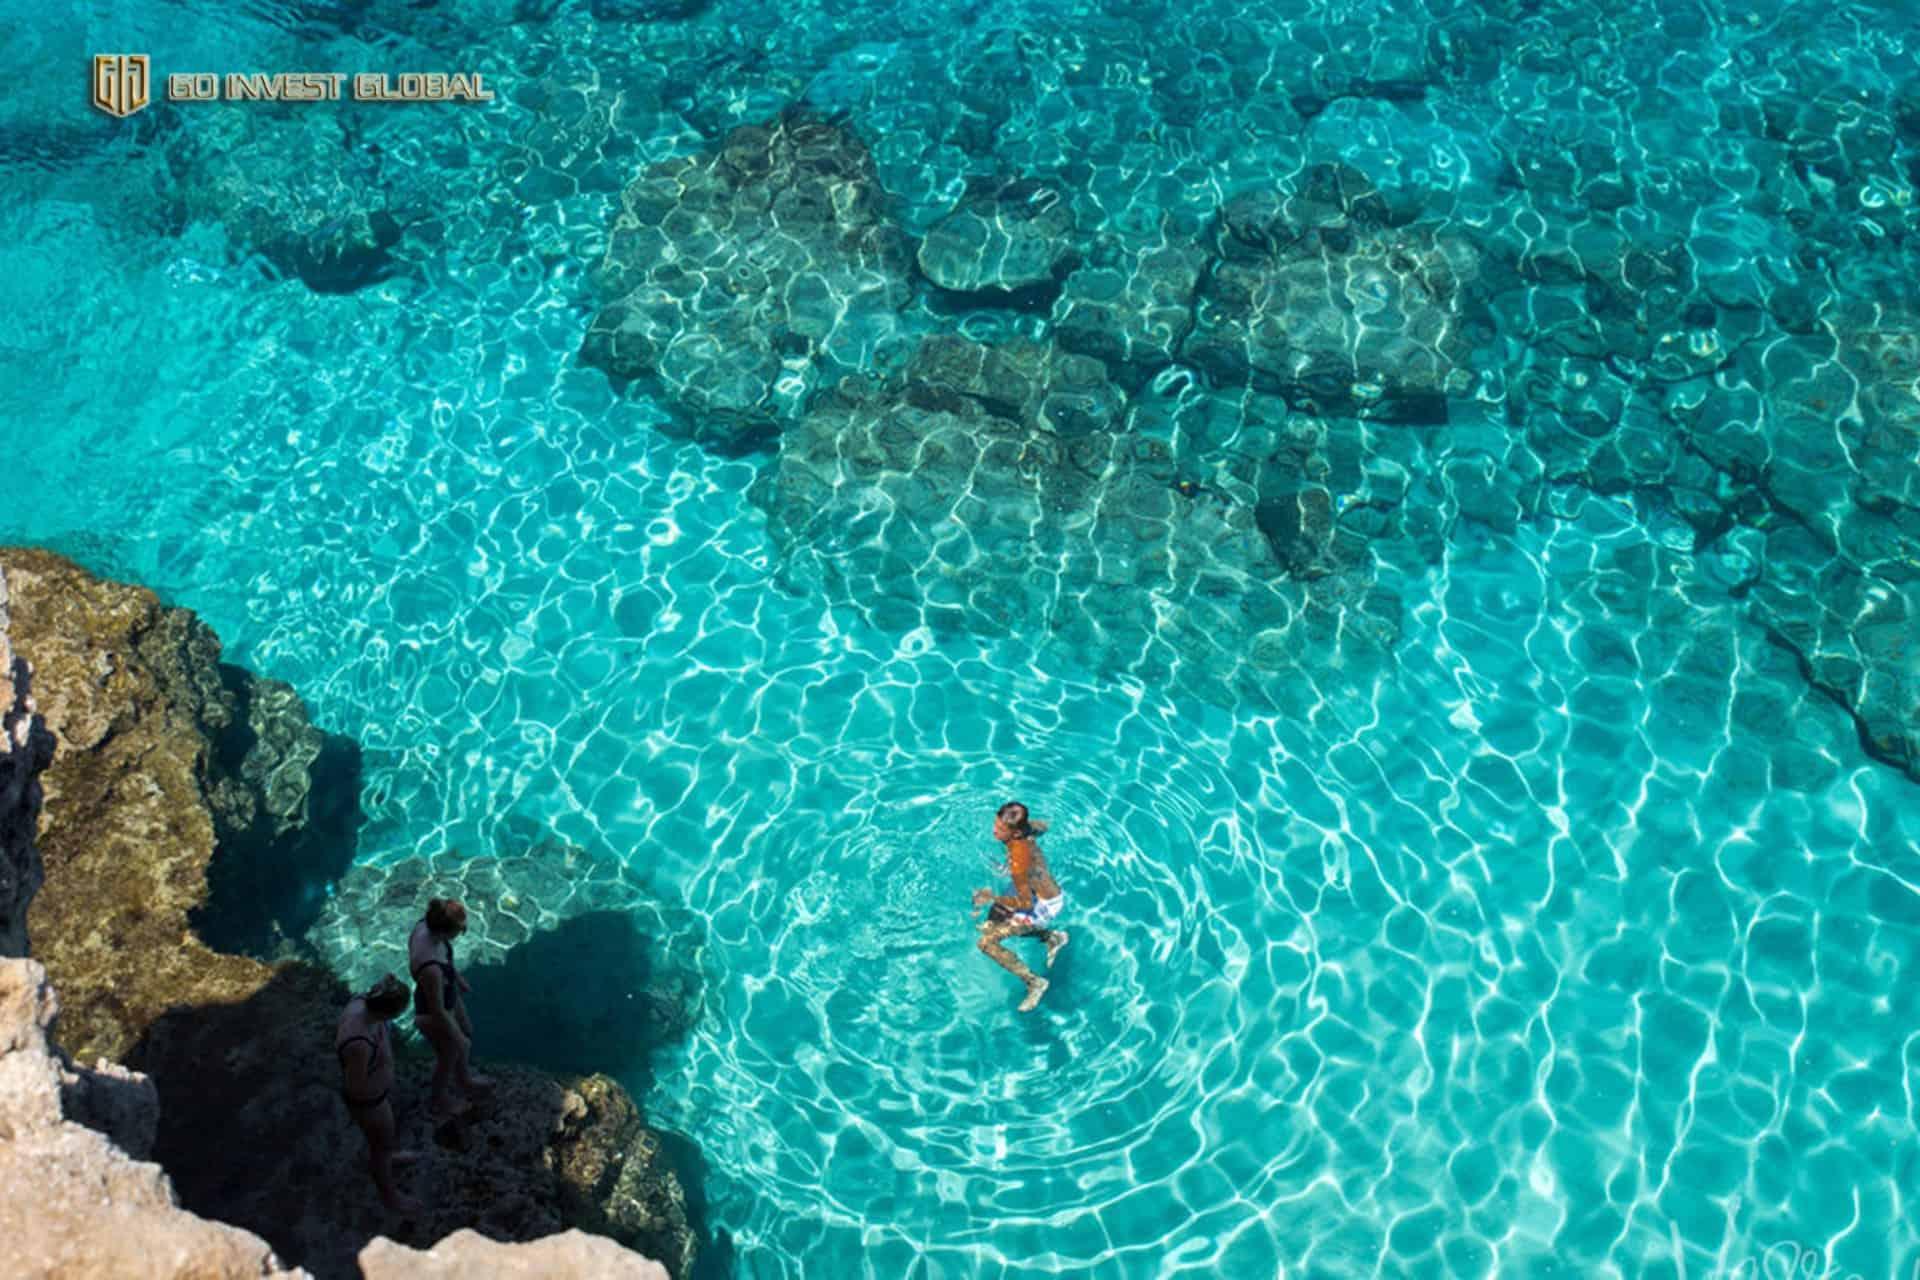 Síp nổi tiếng với các bãi biển trải dài